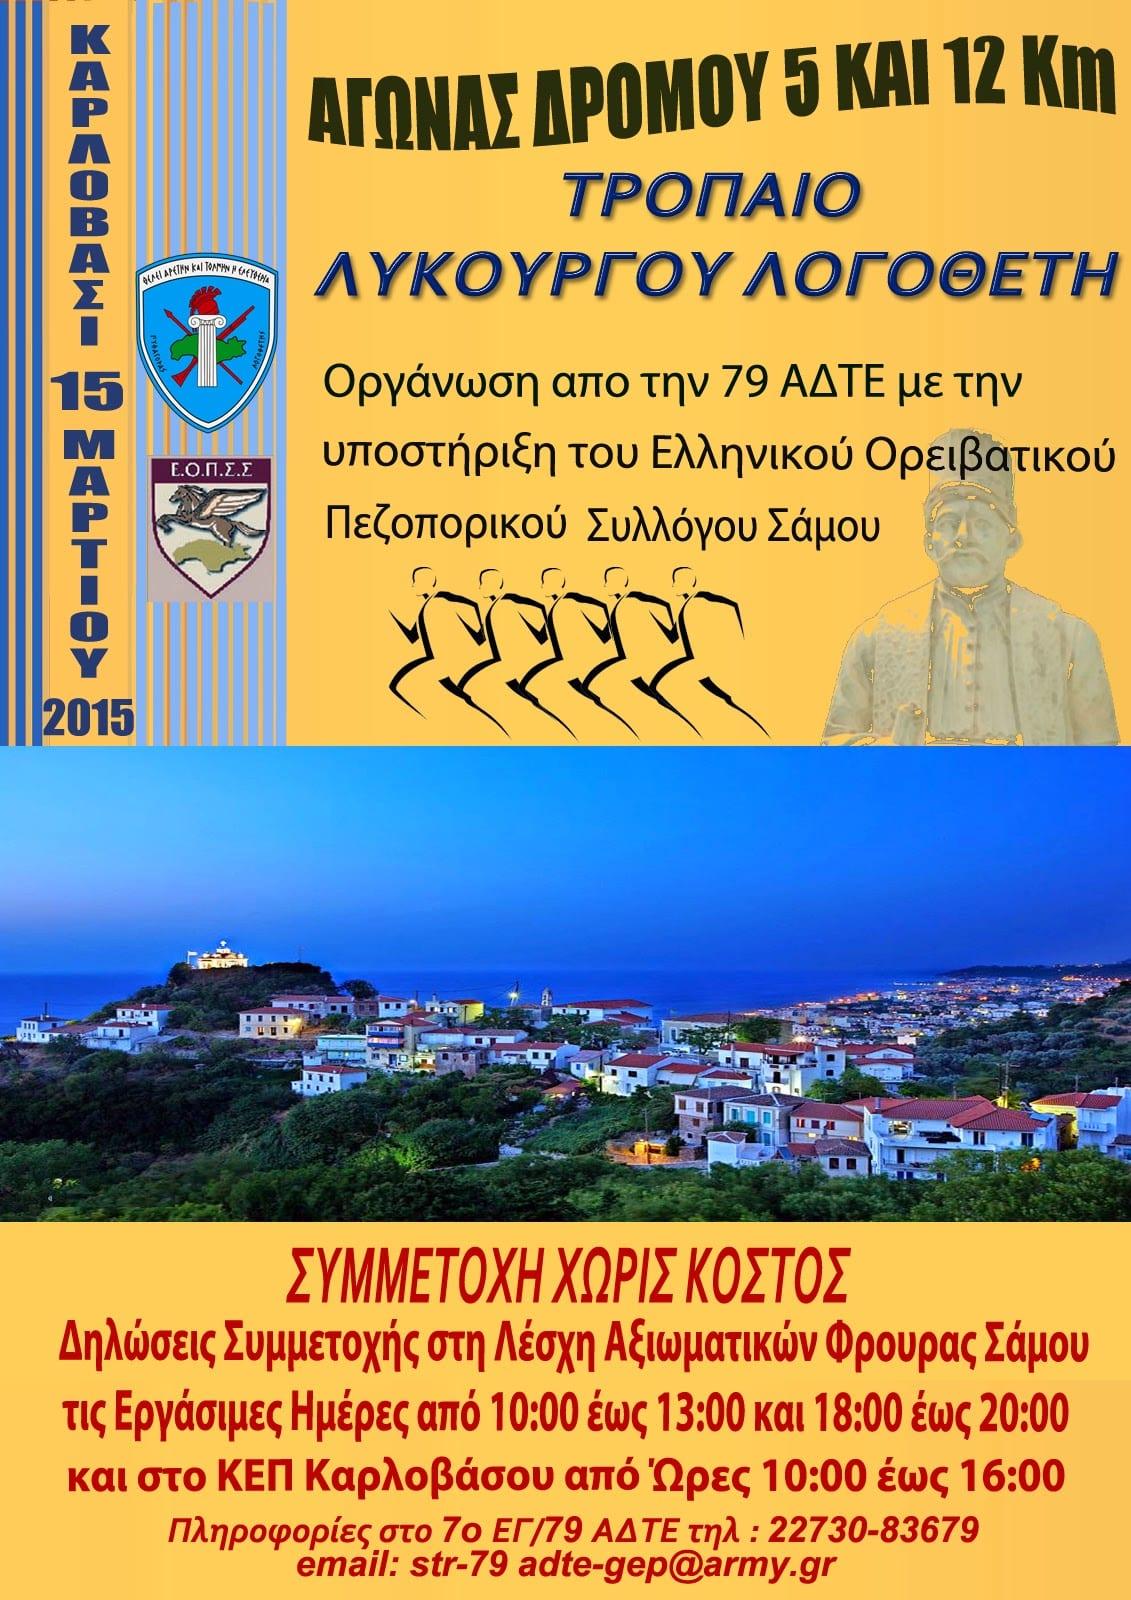 tropaio likourgou logotheti